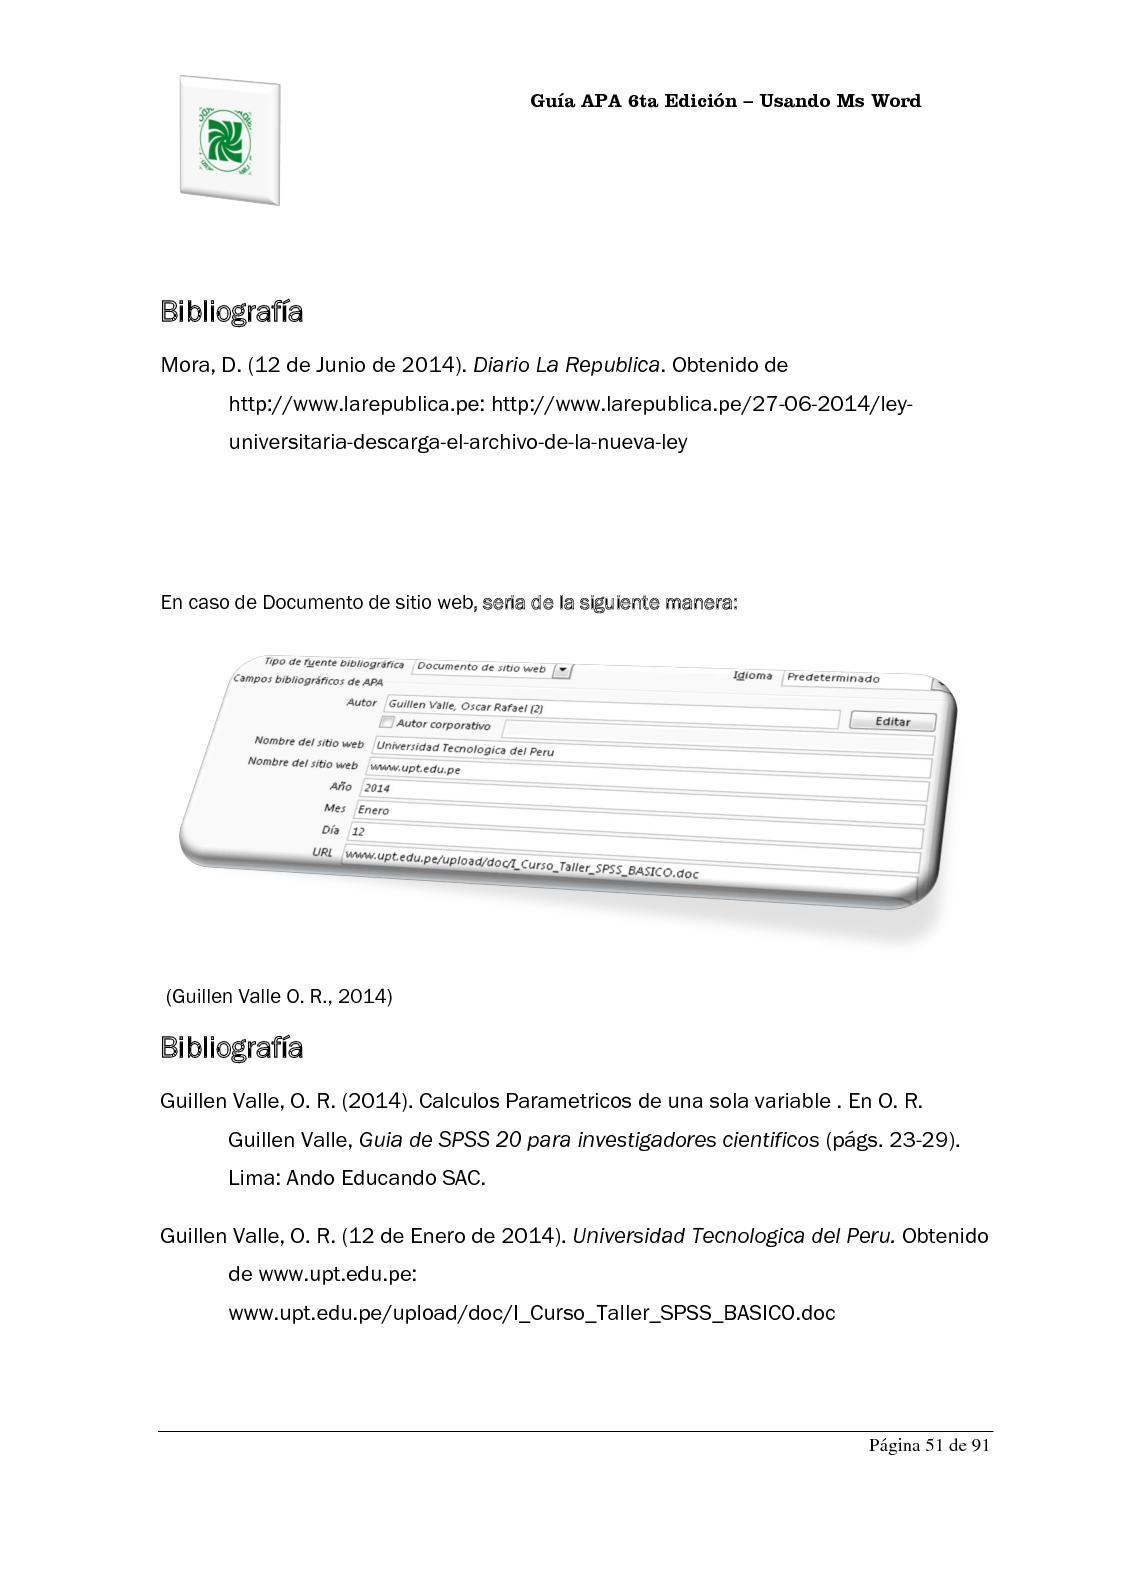 Lujo Apa Plantilla Doc Elaboración - Ejemplo De Colección De ...